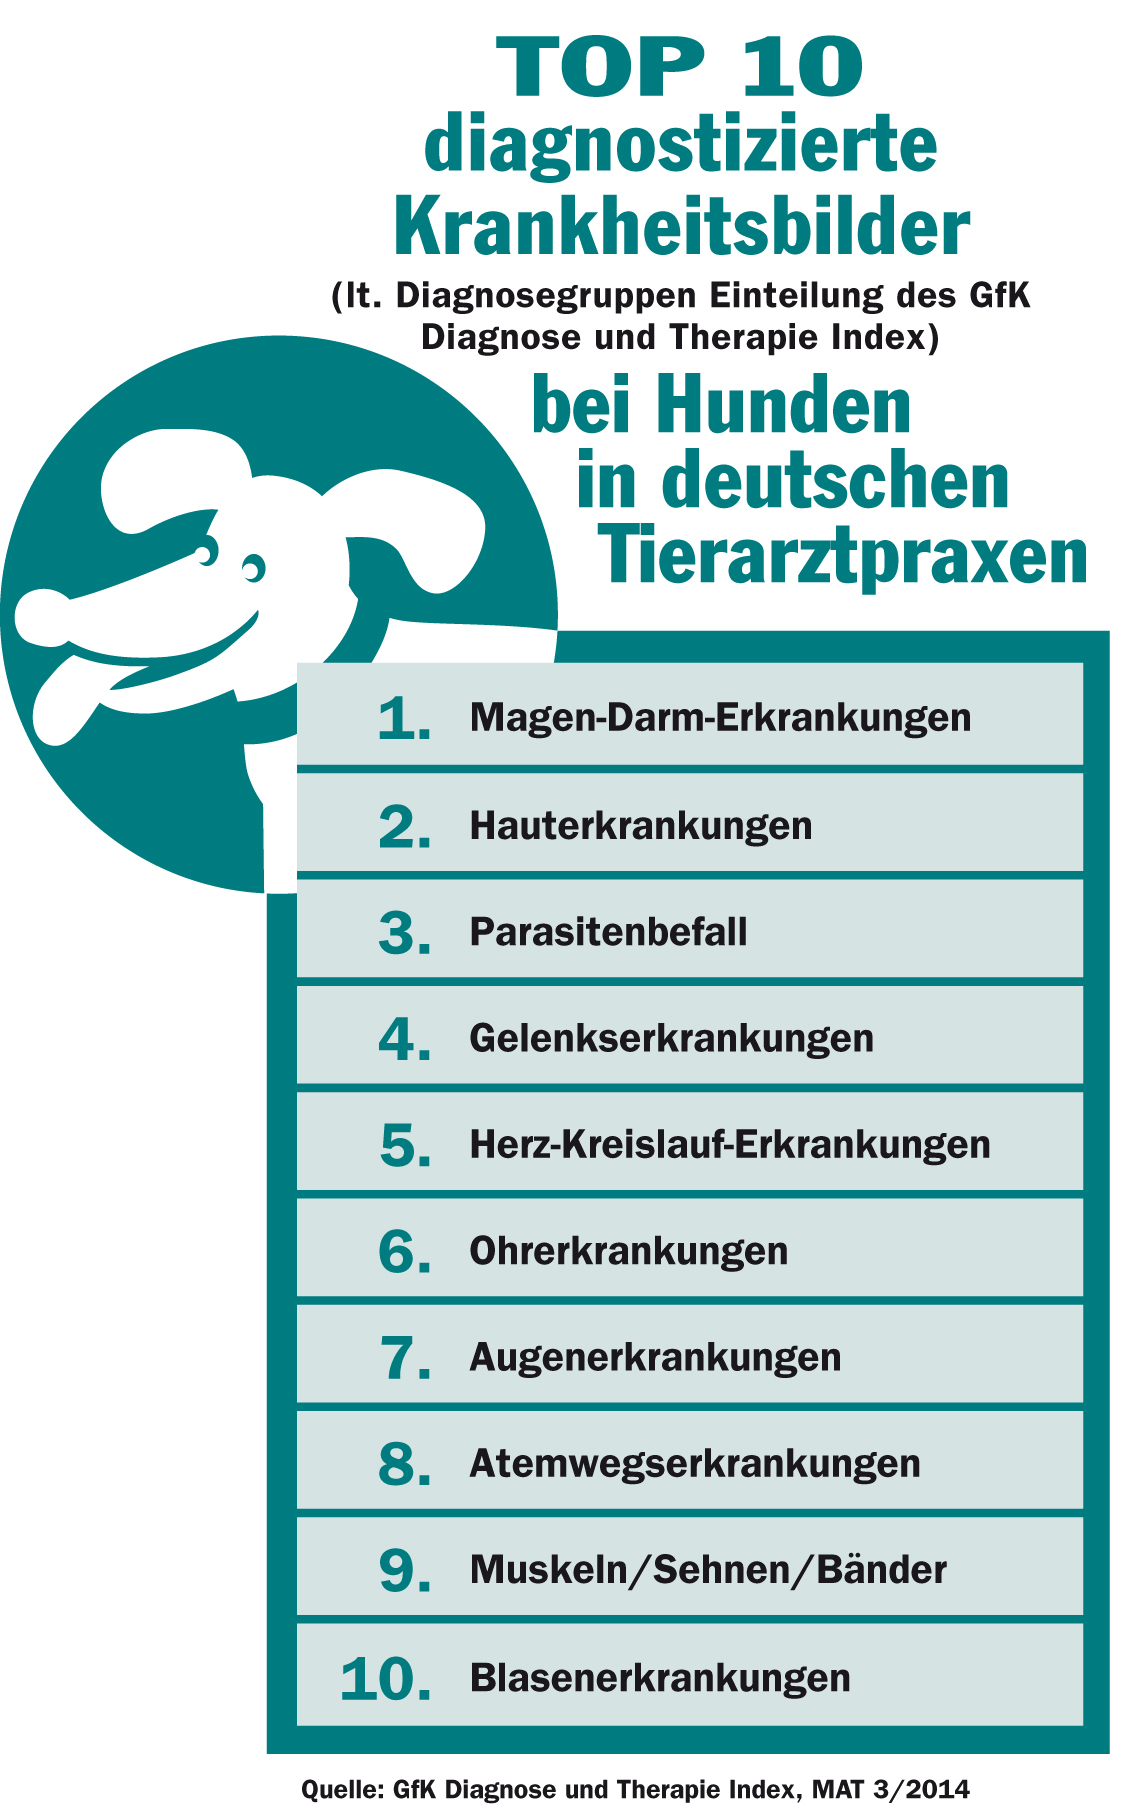 Top-10 der häufigsten Hundekrankheiten. (Grafik: © obs / Bundesverband für Tiergesundheit e.V.)